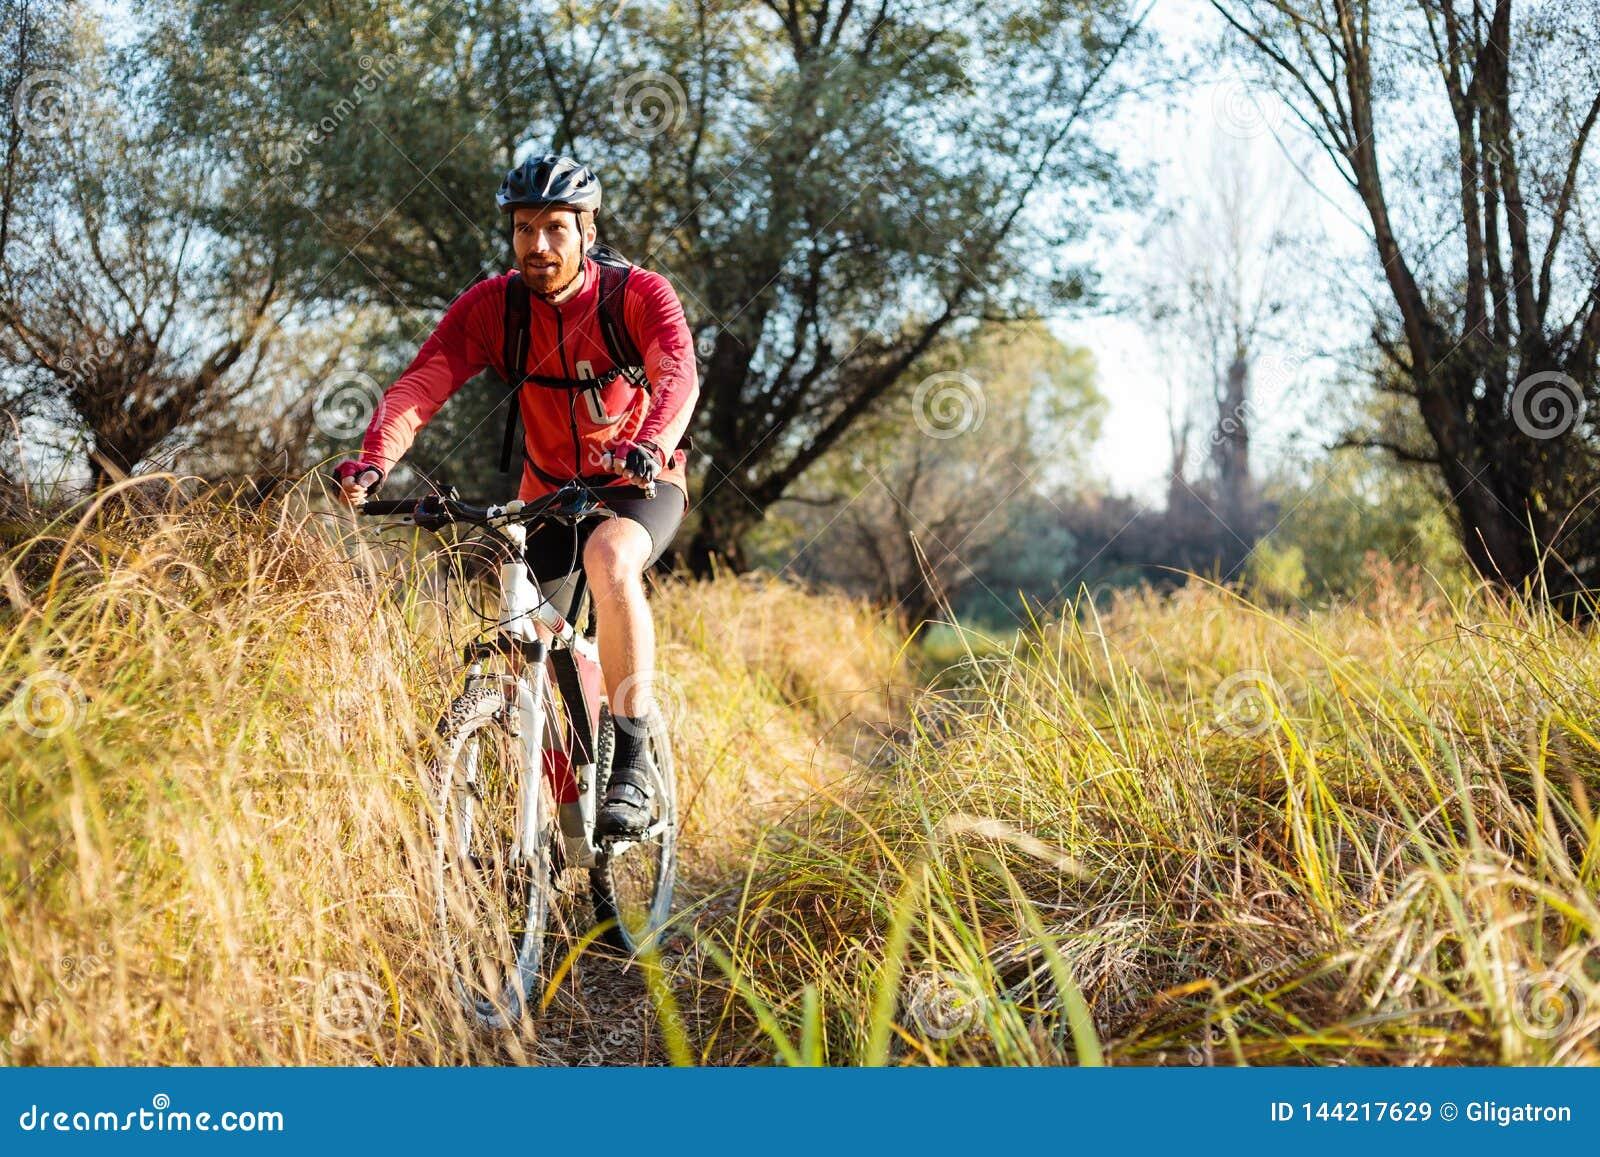 Ευτυχές νέο γενειοφόρο ποδήλατο βουνών ατόμων οδηγώντας κατά μήκος μιας πορείας μέσω της ψηλής χλόης